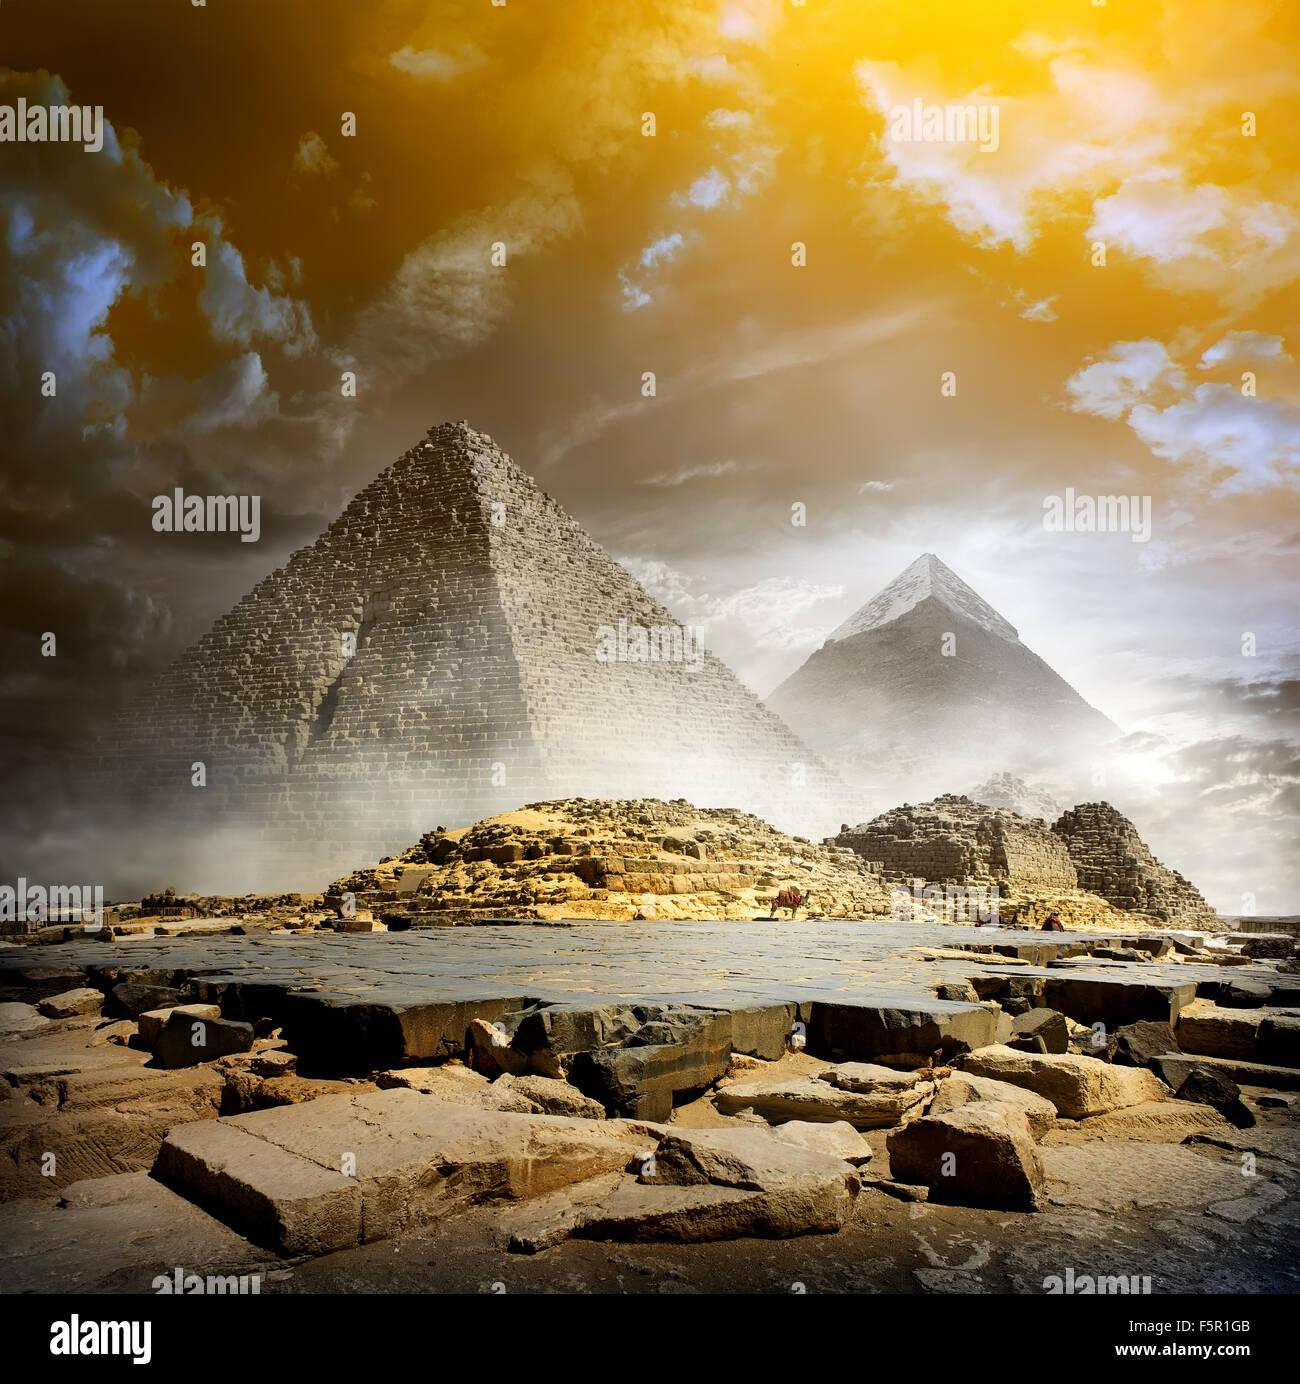 Nubes de tormenta y niebla naranja sobre las pirámides de Egipto Imagen De Stock